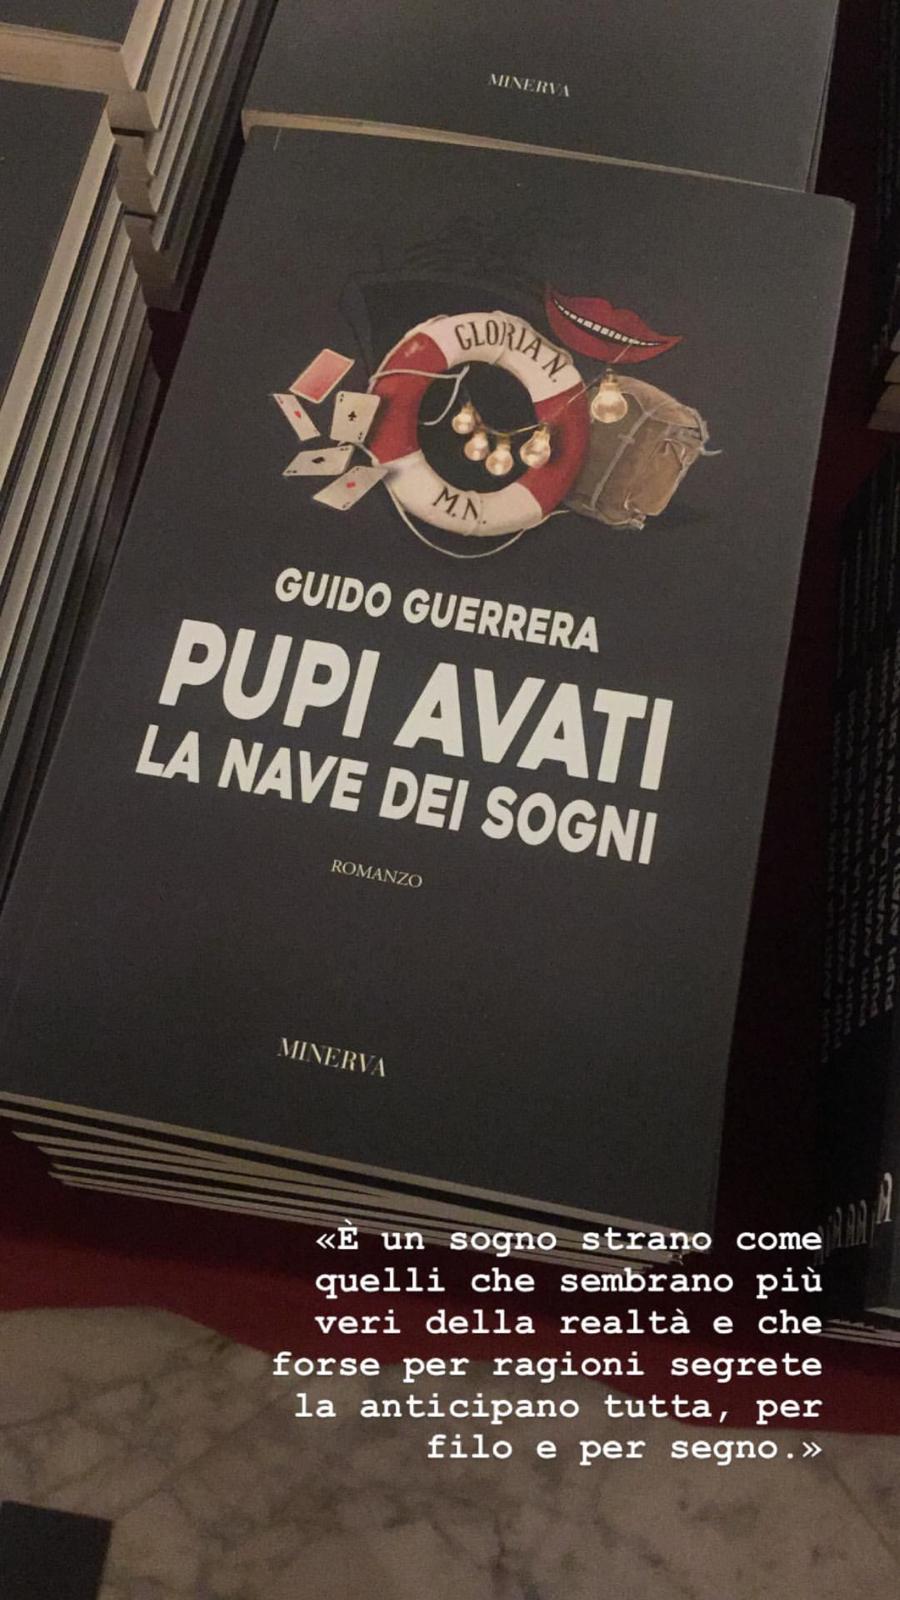 Guido Guerrera - Pupi Avati. La nave dei sogni - Minerva edizioni